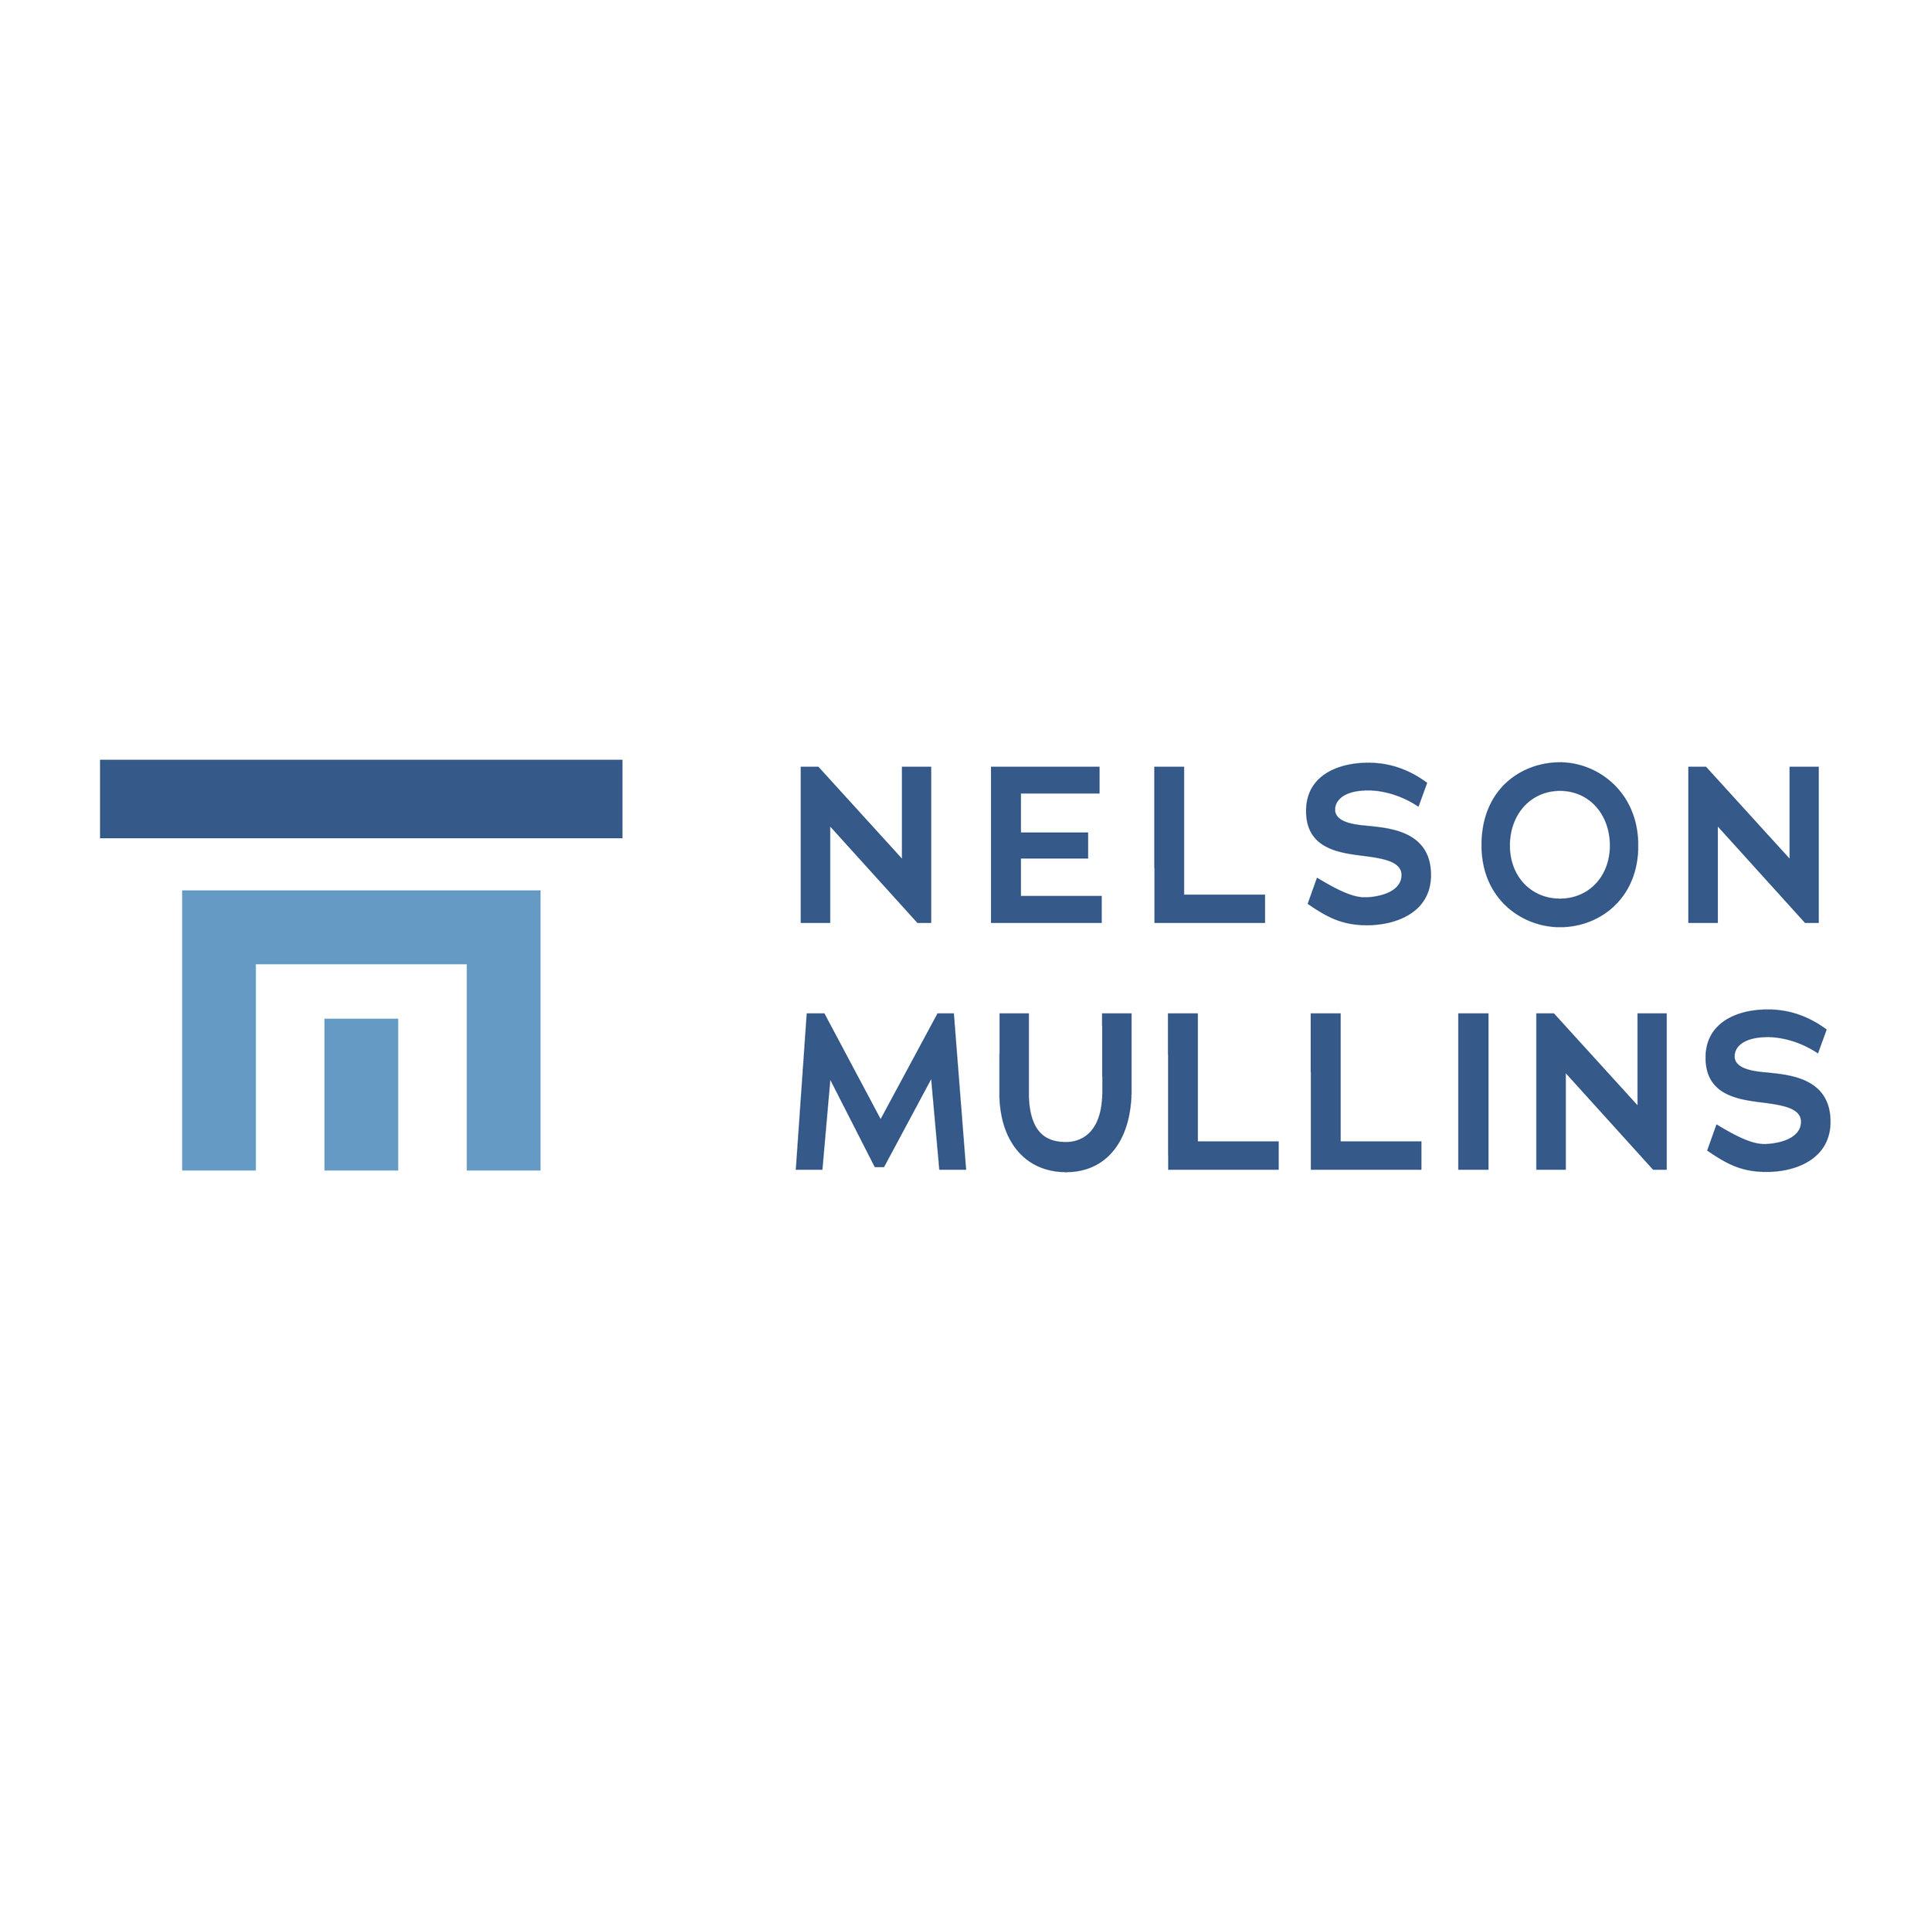 Nelson Mullins-29.jpg